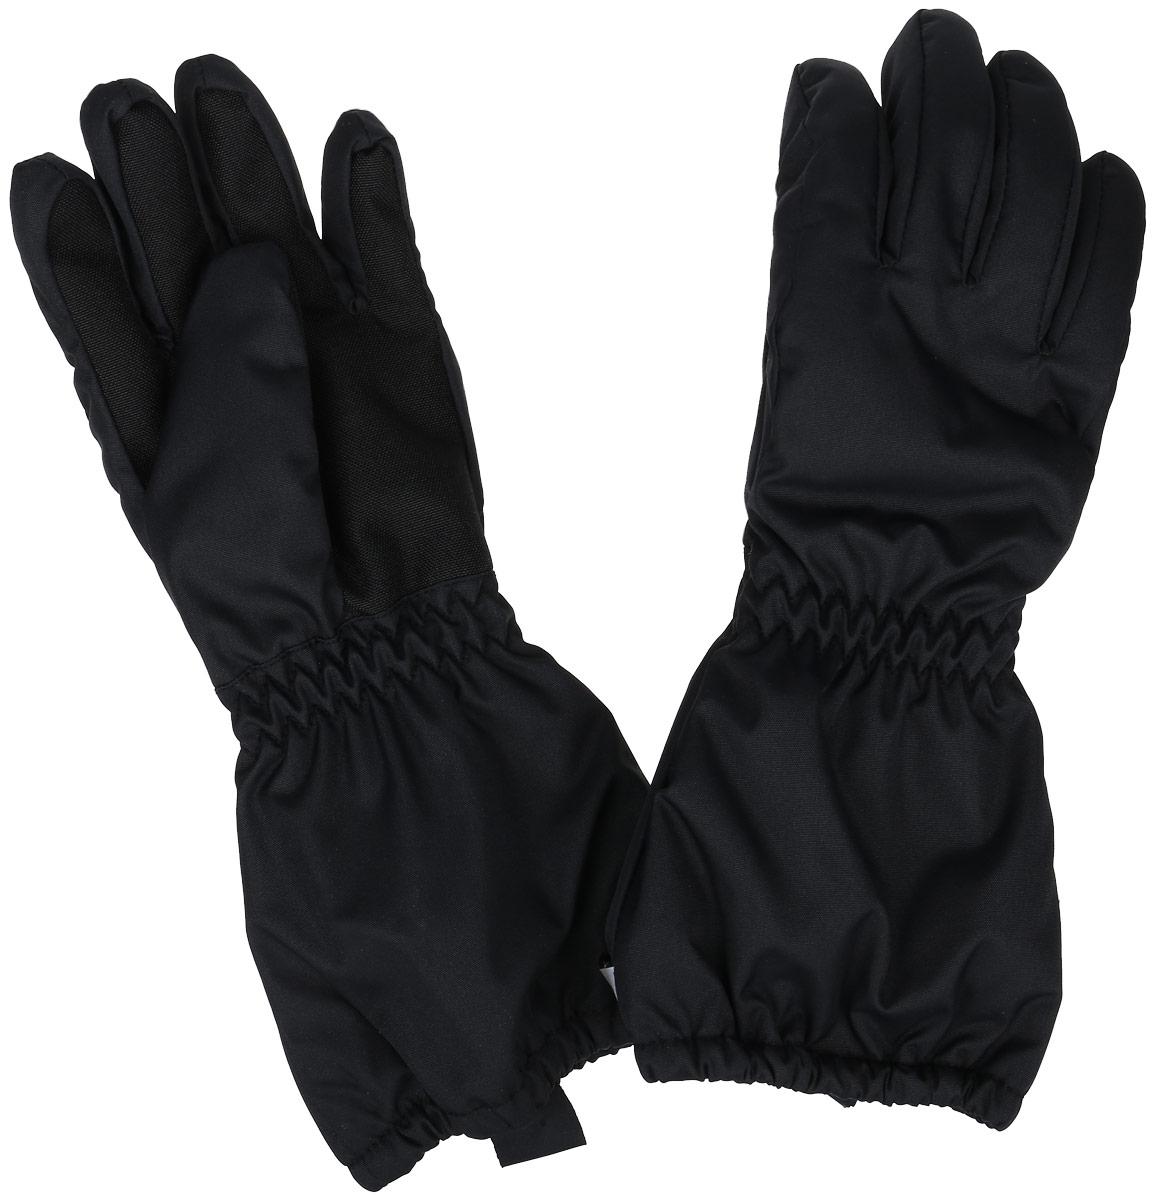 Перчатки детские. 727691727691-9990Теплые перчатки Reima идеально подойдут вашему малышу для прогулок в холодное время года. Изготовленные из непромокаемого материала, с подкладкой из полиэстера, они необычайно мягкие и приятные на ощупь, не сковывают движения и позволяют коже дышать, не раздражают нежную кожу ребенка, обеспечивая ему наибольший комфорт, хорошо сохраняют тепло. Перчатки на теплой подкладке, дополнены длинными широкими манжетами, а также эластичной резинкой на запястье и по краю изделия. Модель дополнена накладками на ладонях и больших пальцах.br> Оригинальный дизайн и модная расцветка делают эти перчатки модным и стильным предметом детского гардероба. В них ваш малыш будет чувствовать себя уютно и комфортно и всегда будет в центре внимания!